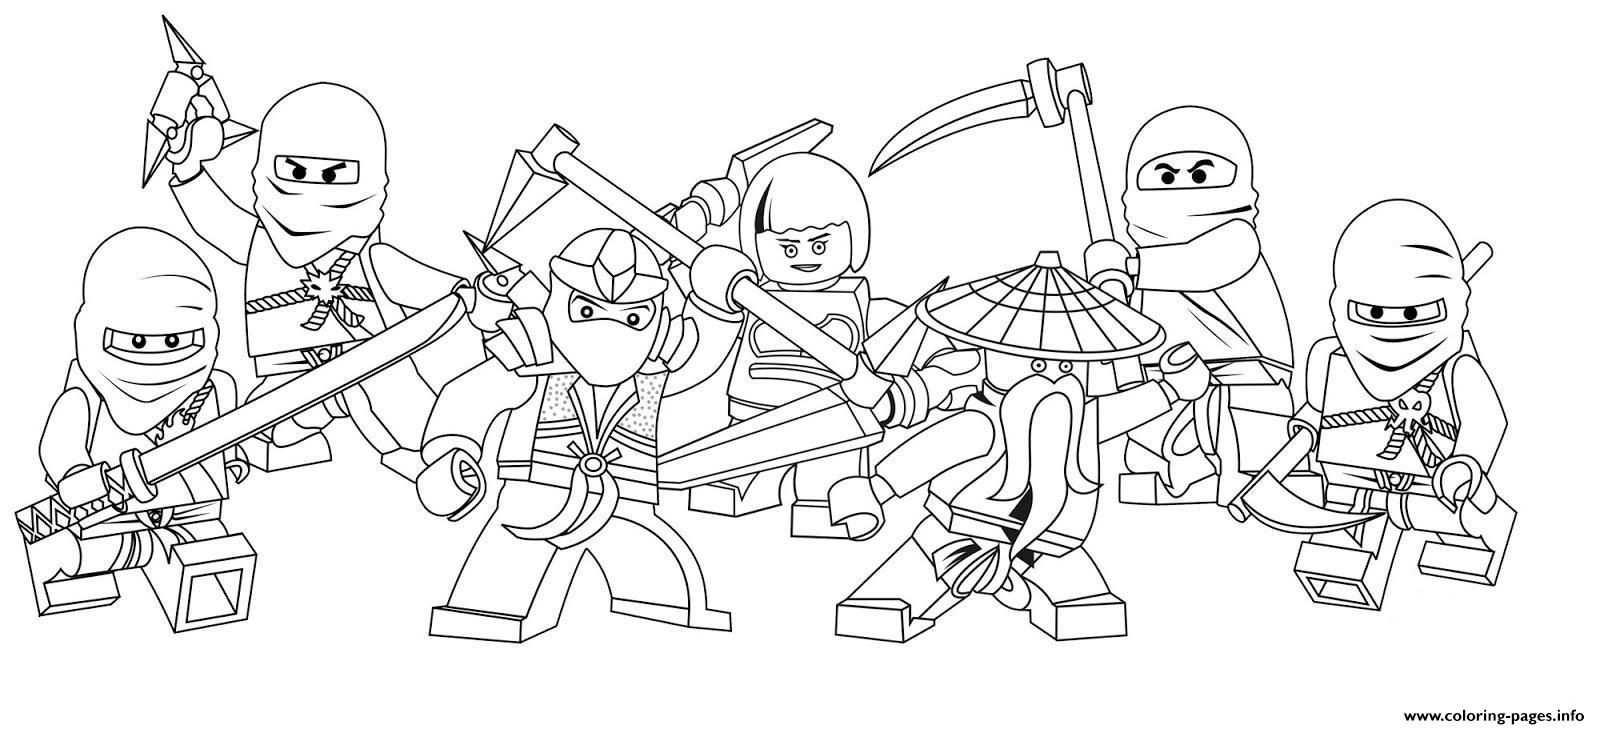 Print Characters Of Ninjago Secc8 Coloring Pages Kleurplaten